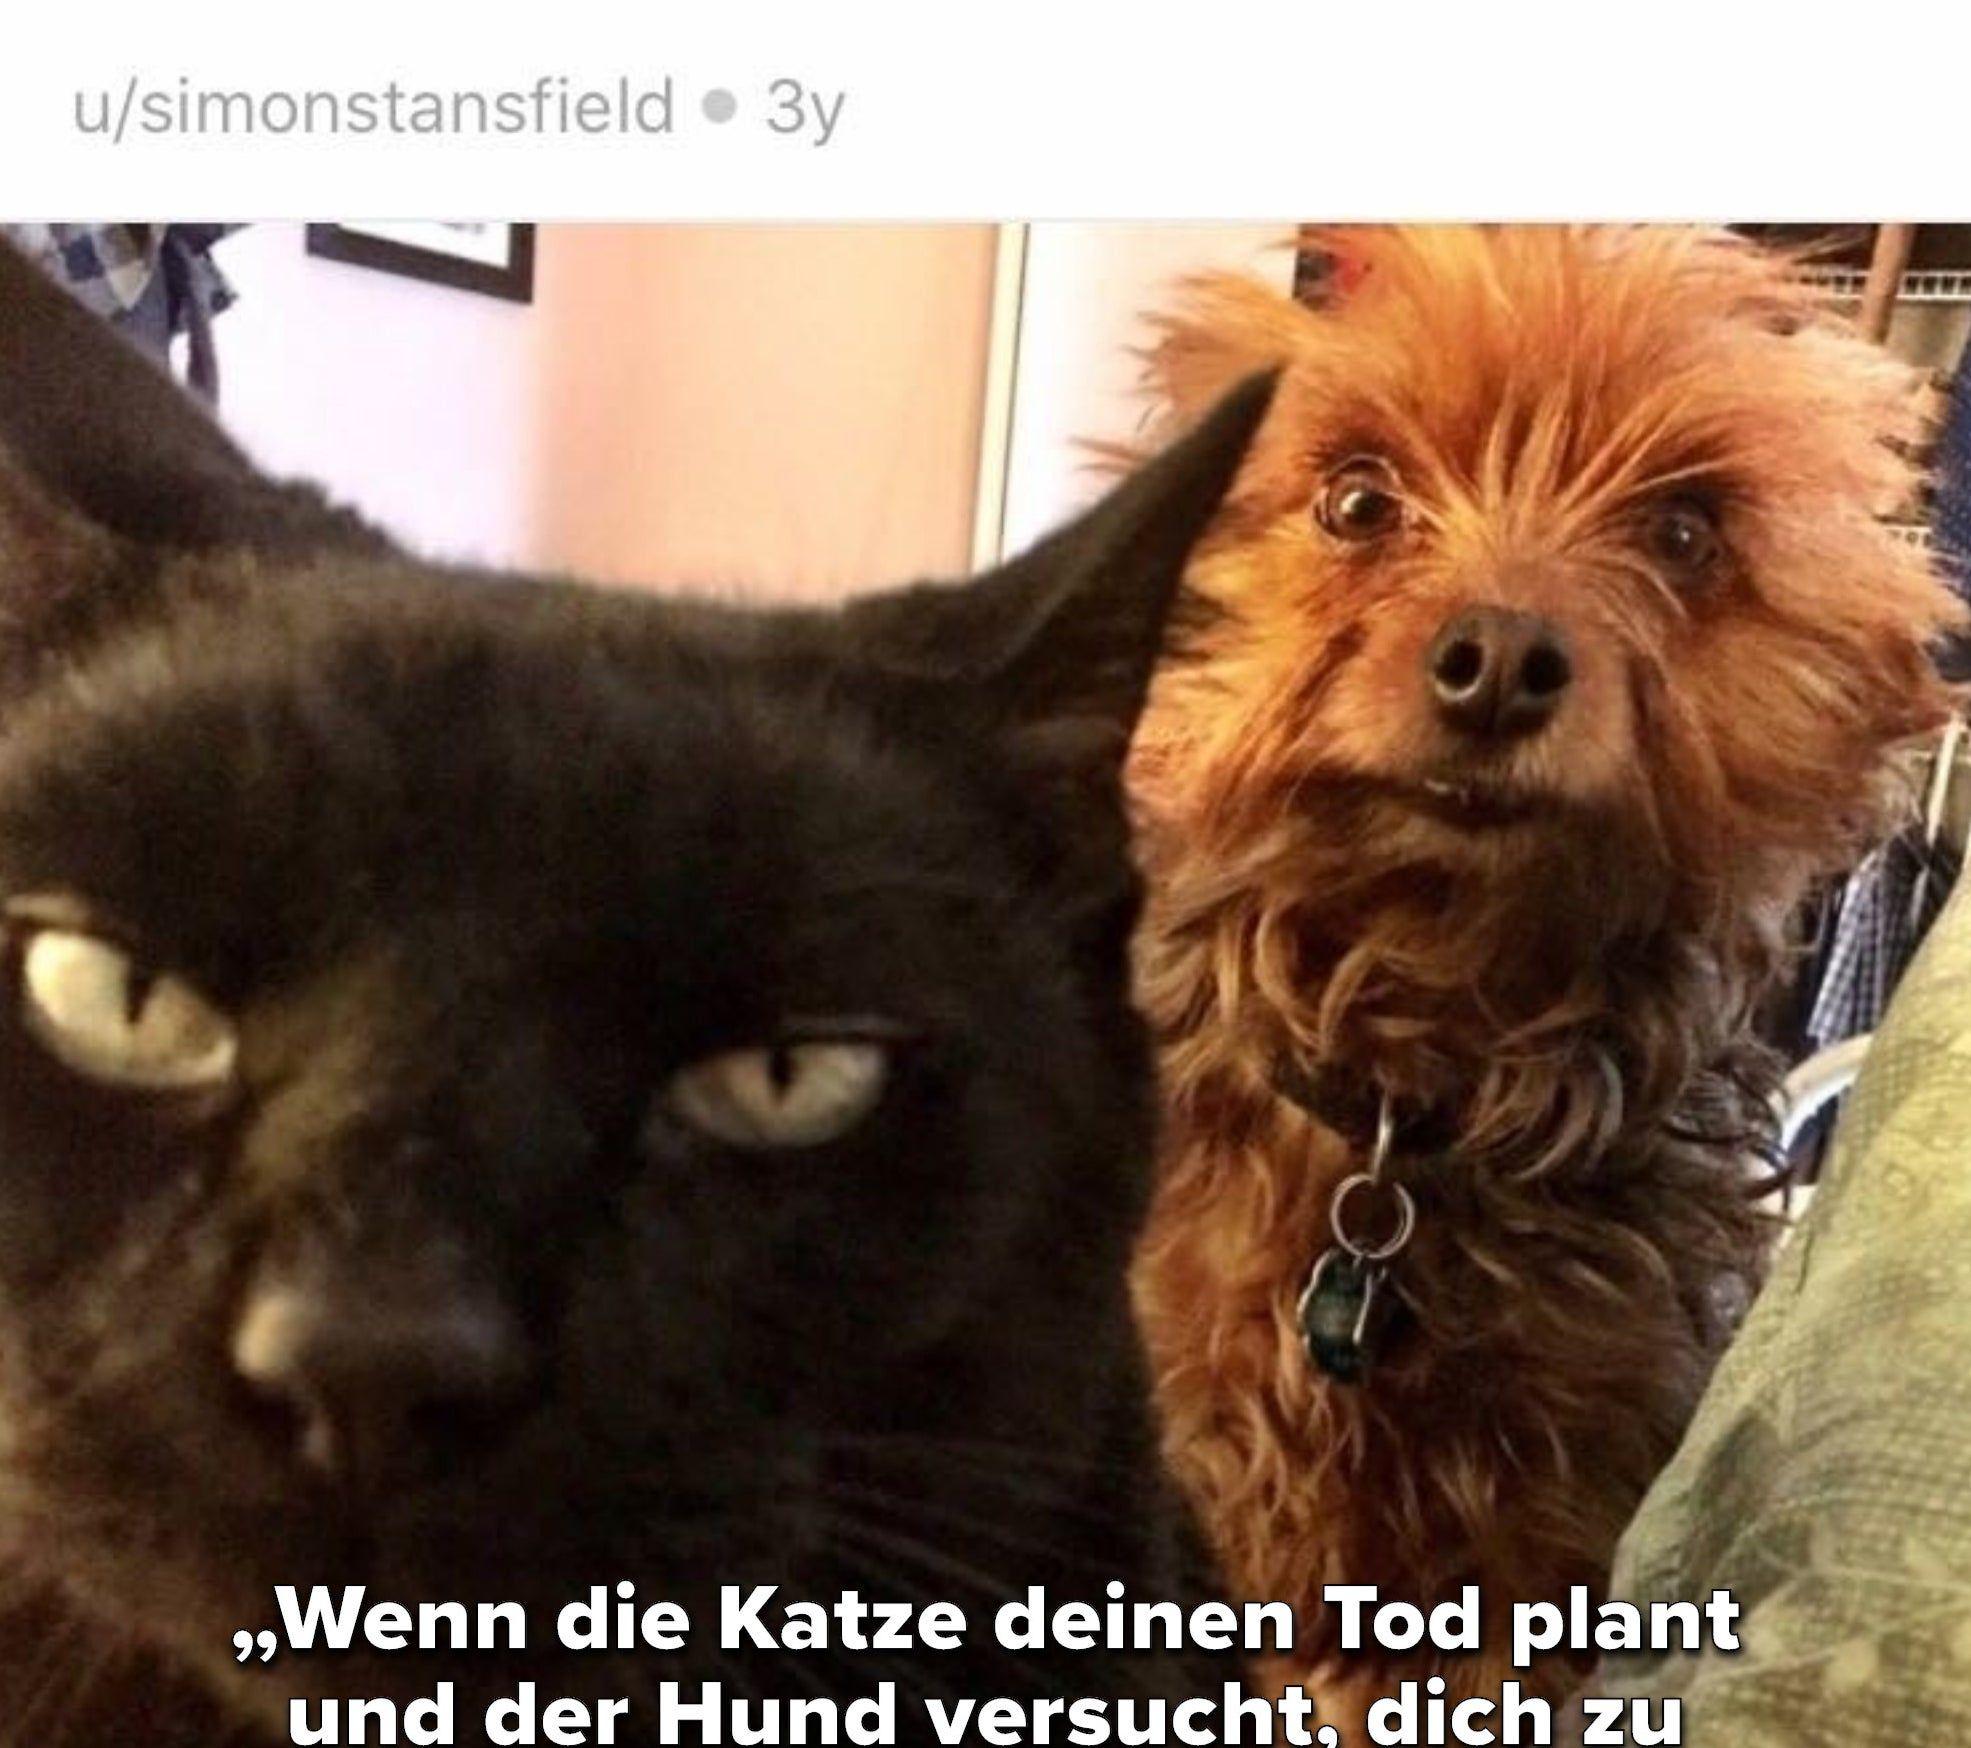 Diese Katze, deren Pläne durchkreuzt wurden: